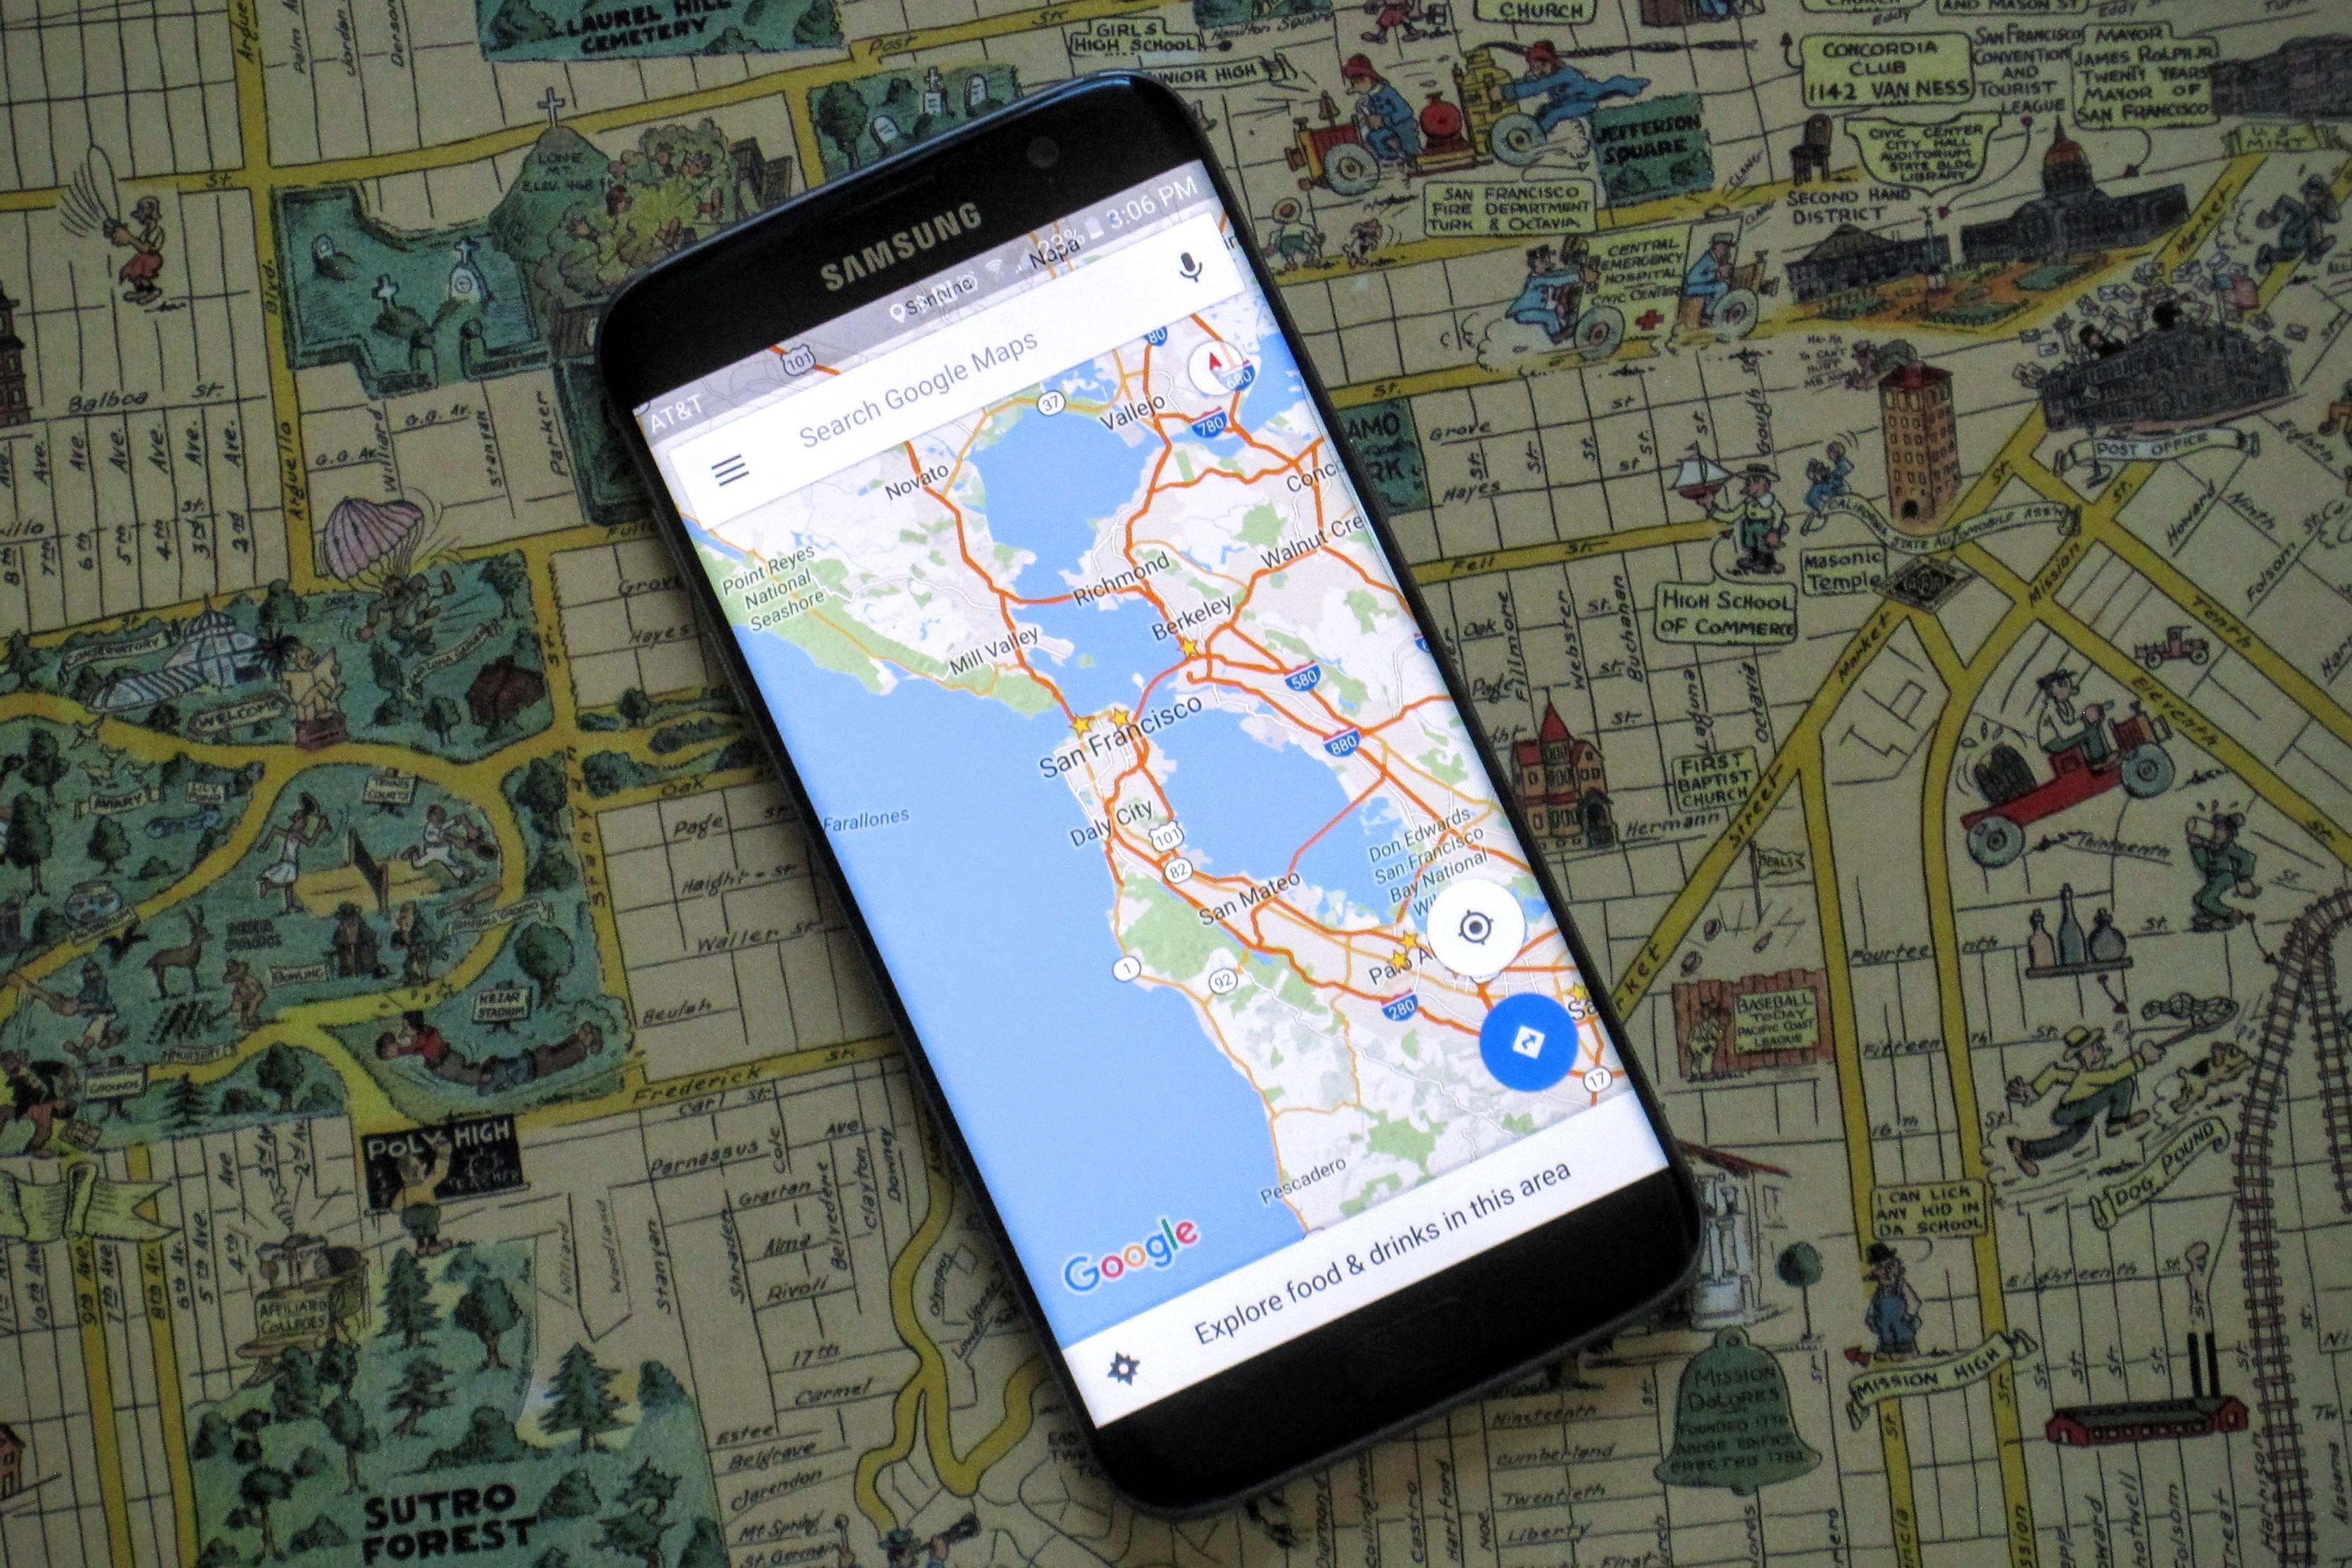 خرائط جوجل تفعل خاصية جديدة لتحديد أماكن رادارات السرعة